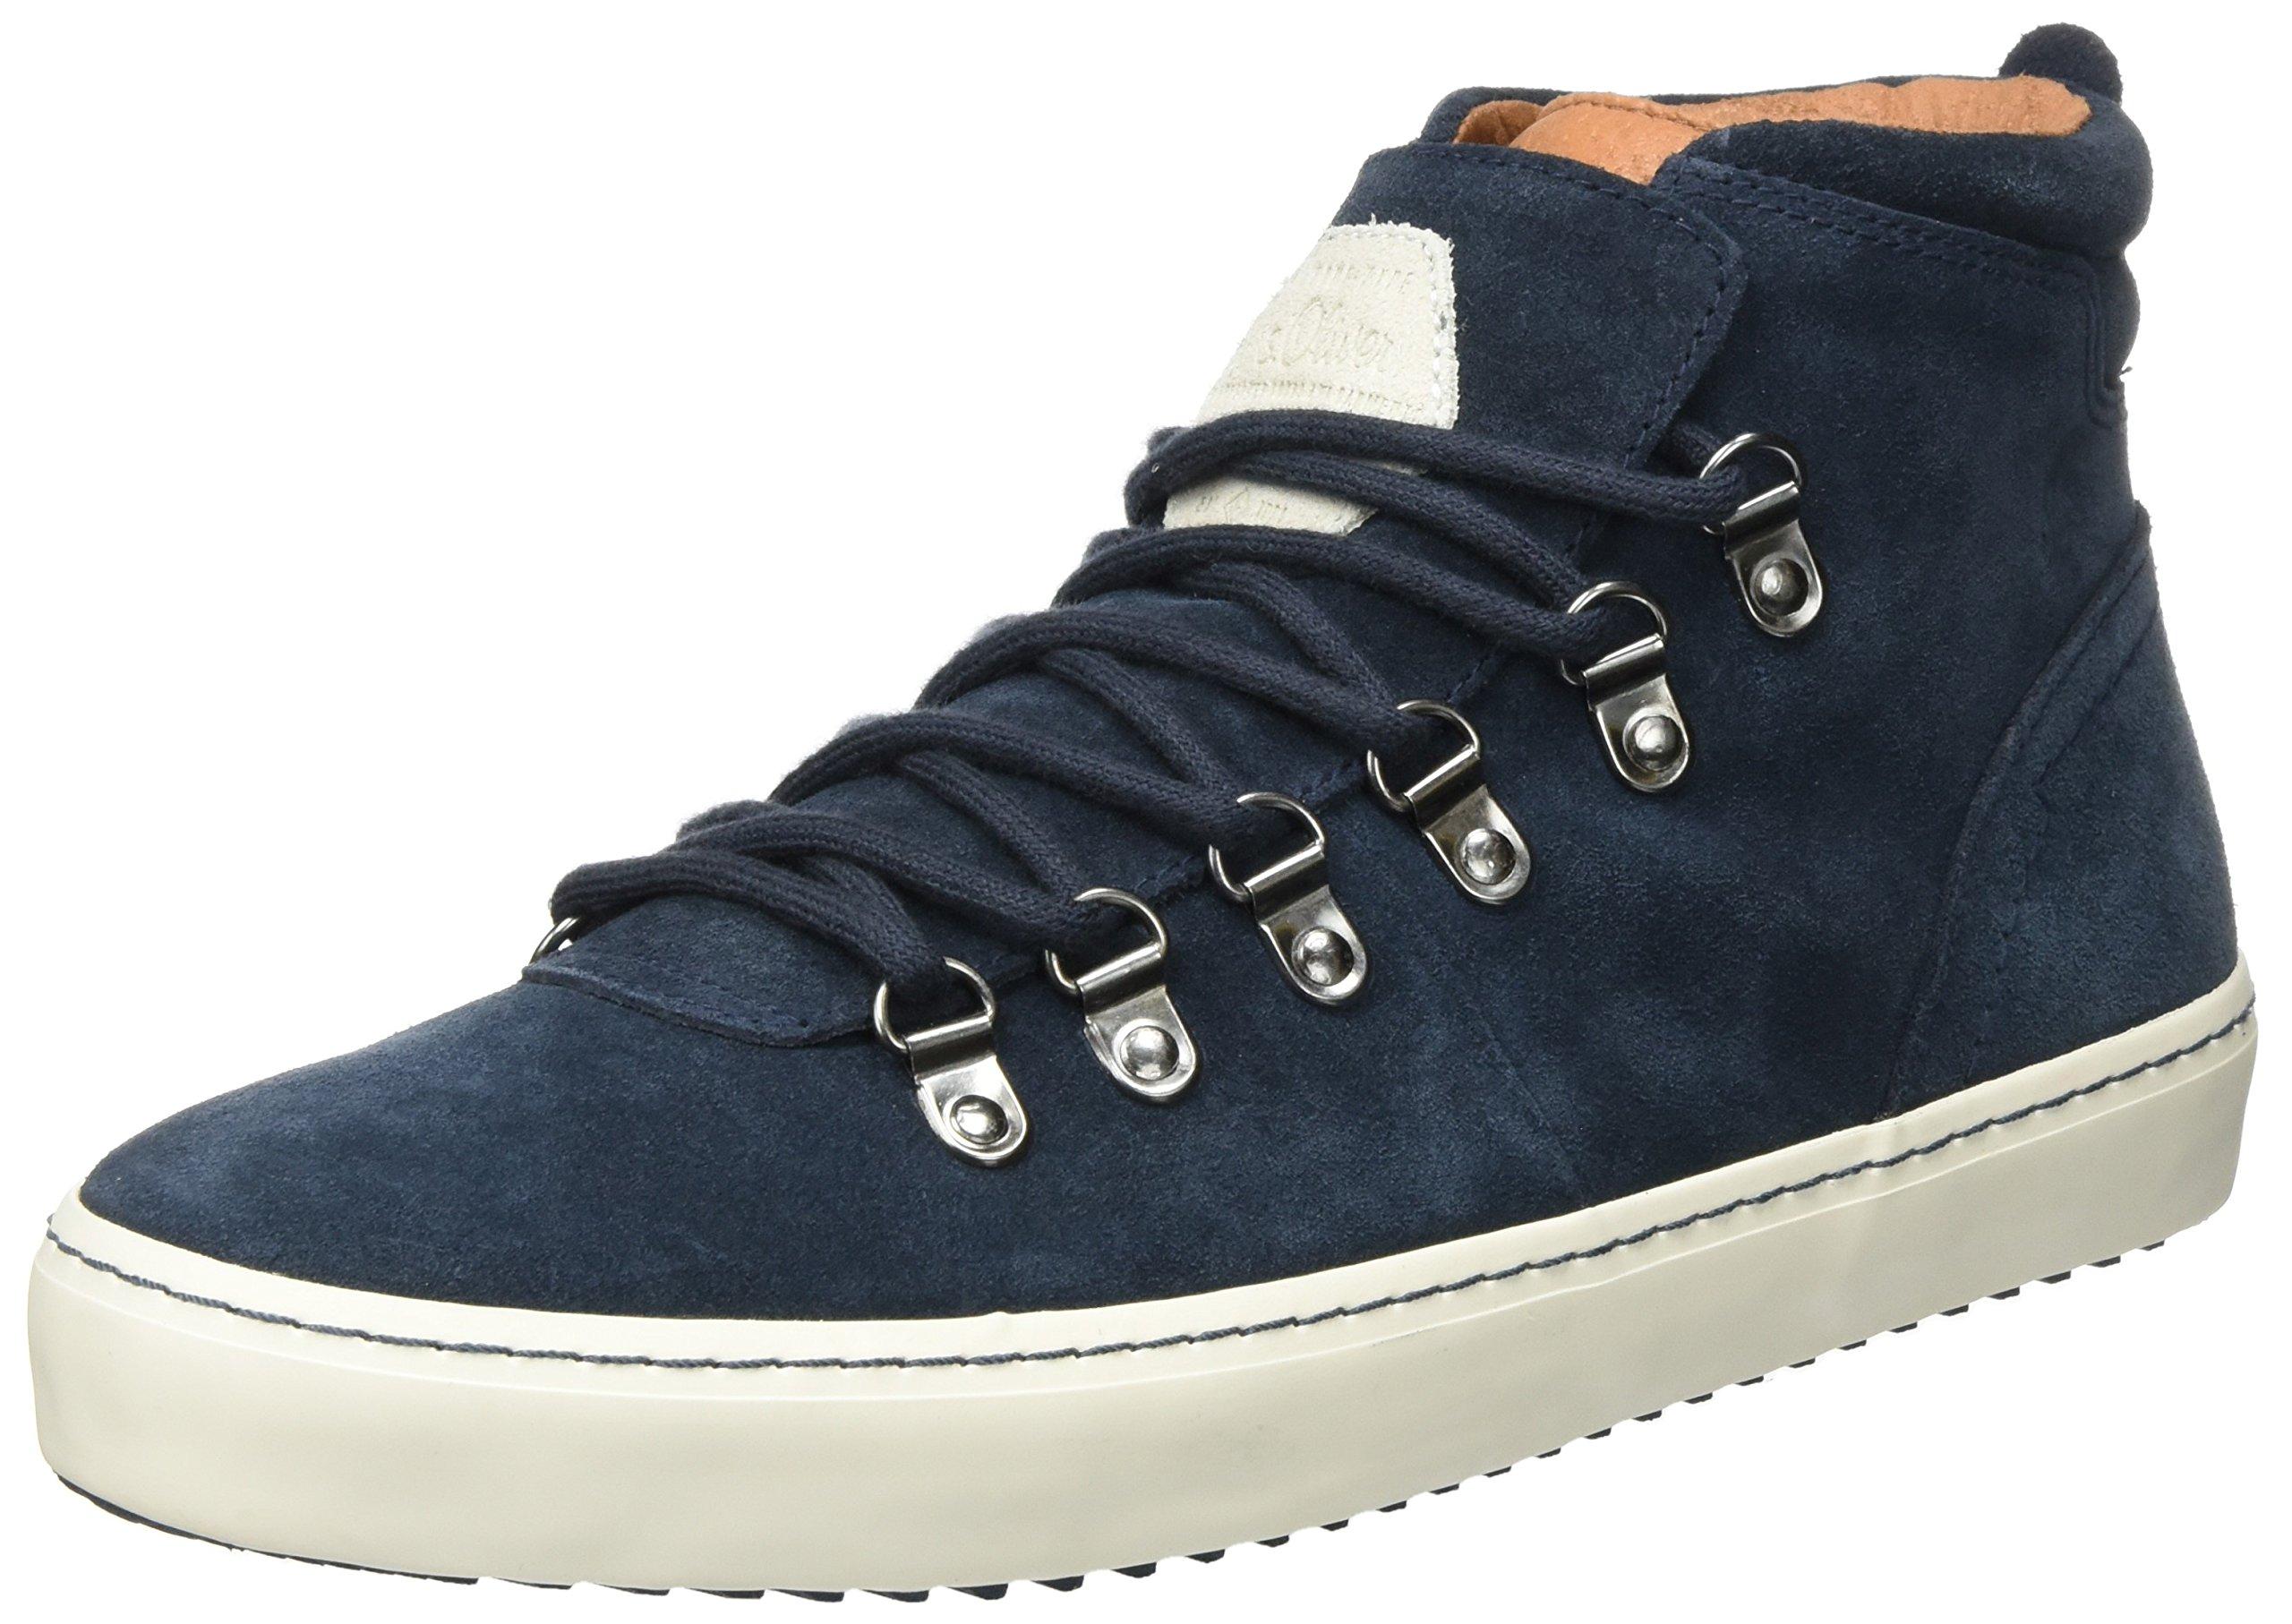 oliver S 15203Sneakers Eu Hautes HommeBleunavy41 uTK5JlFc31